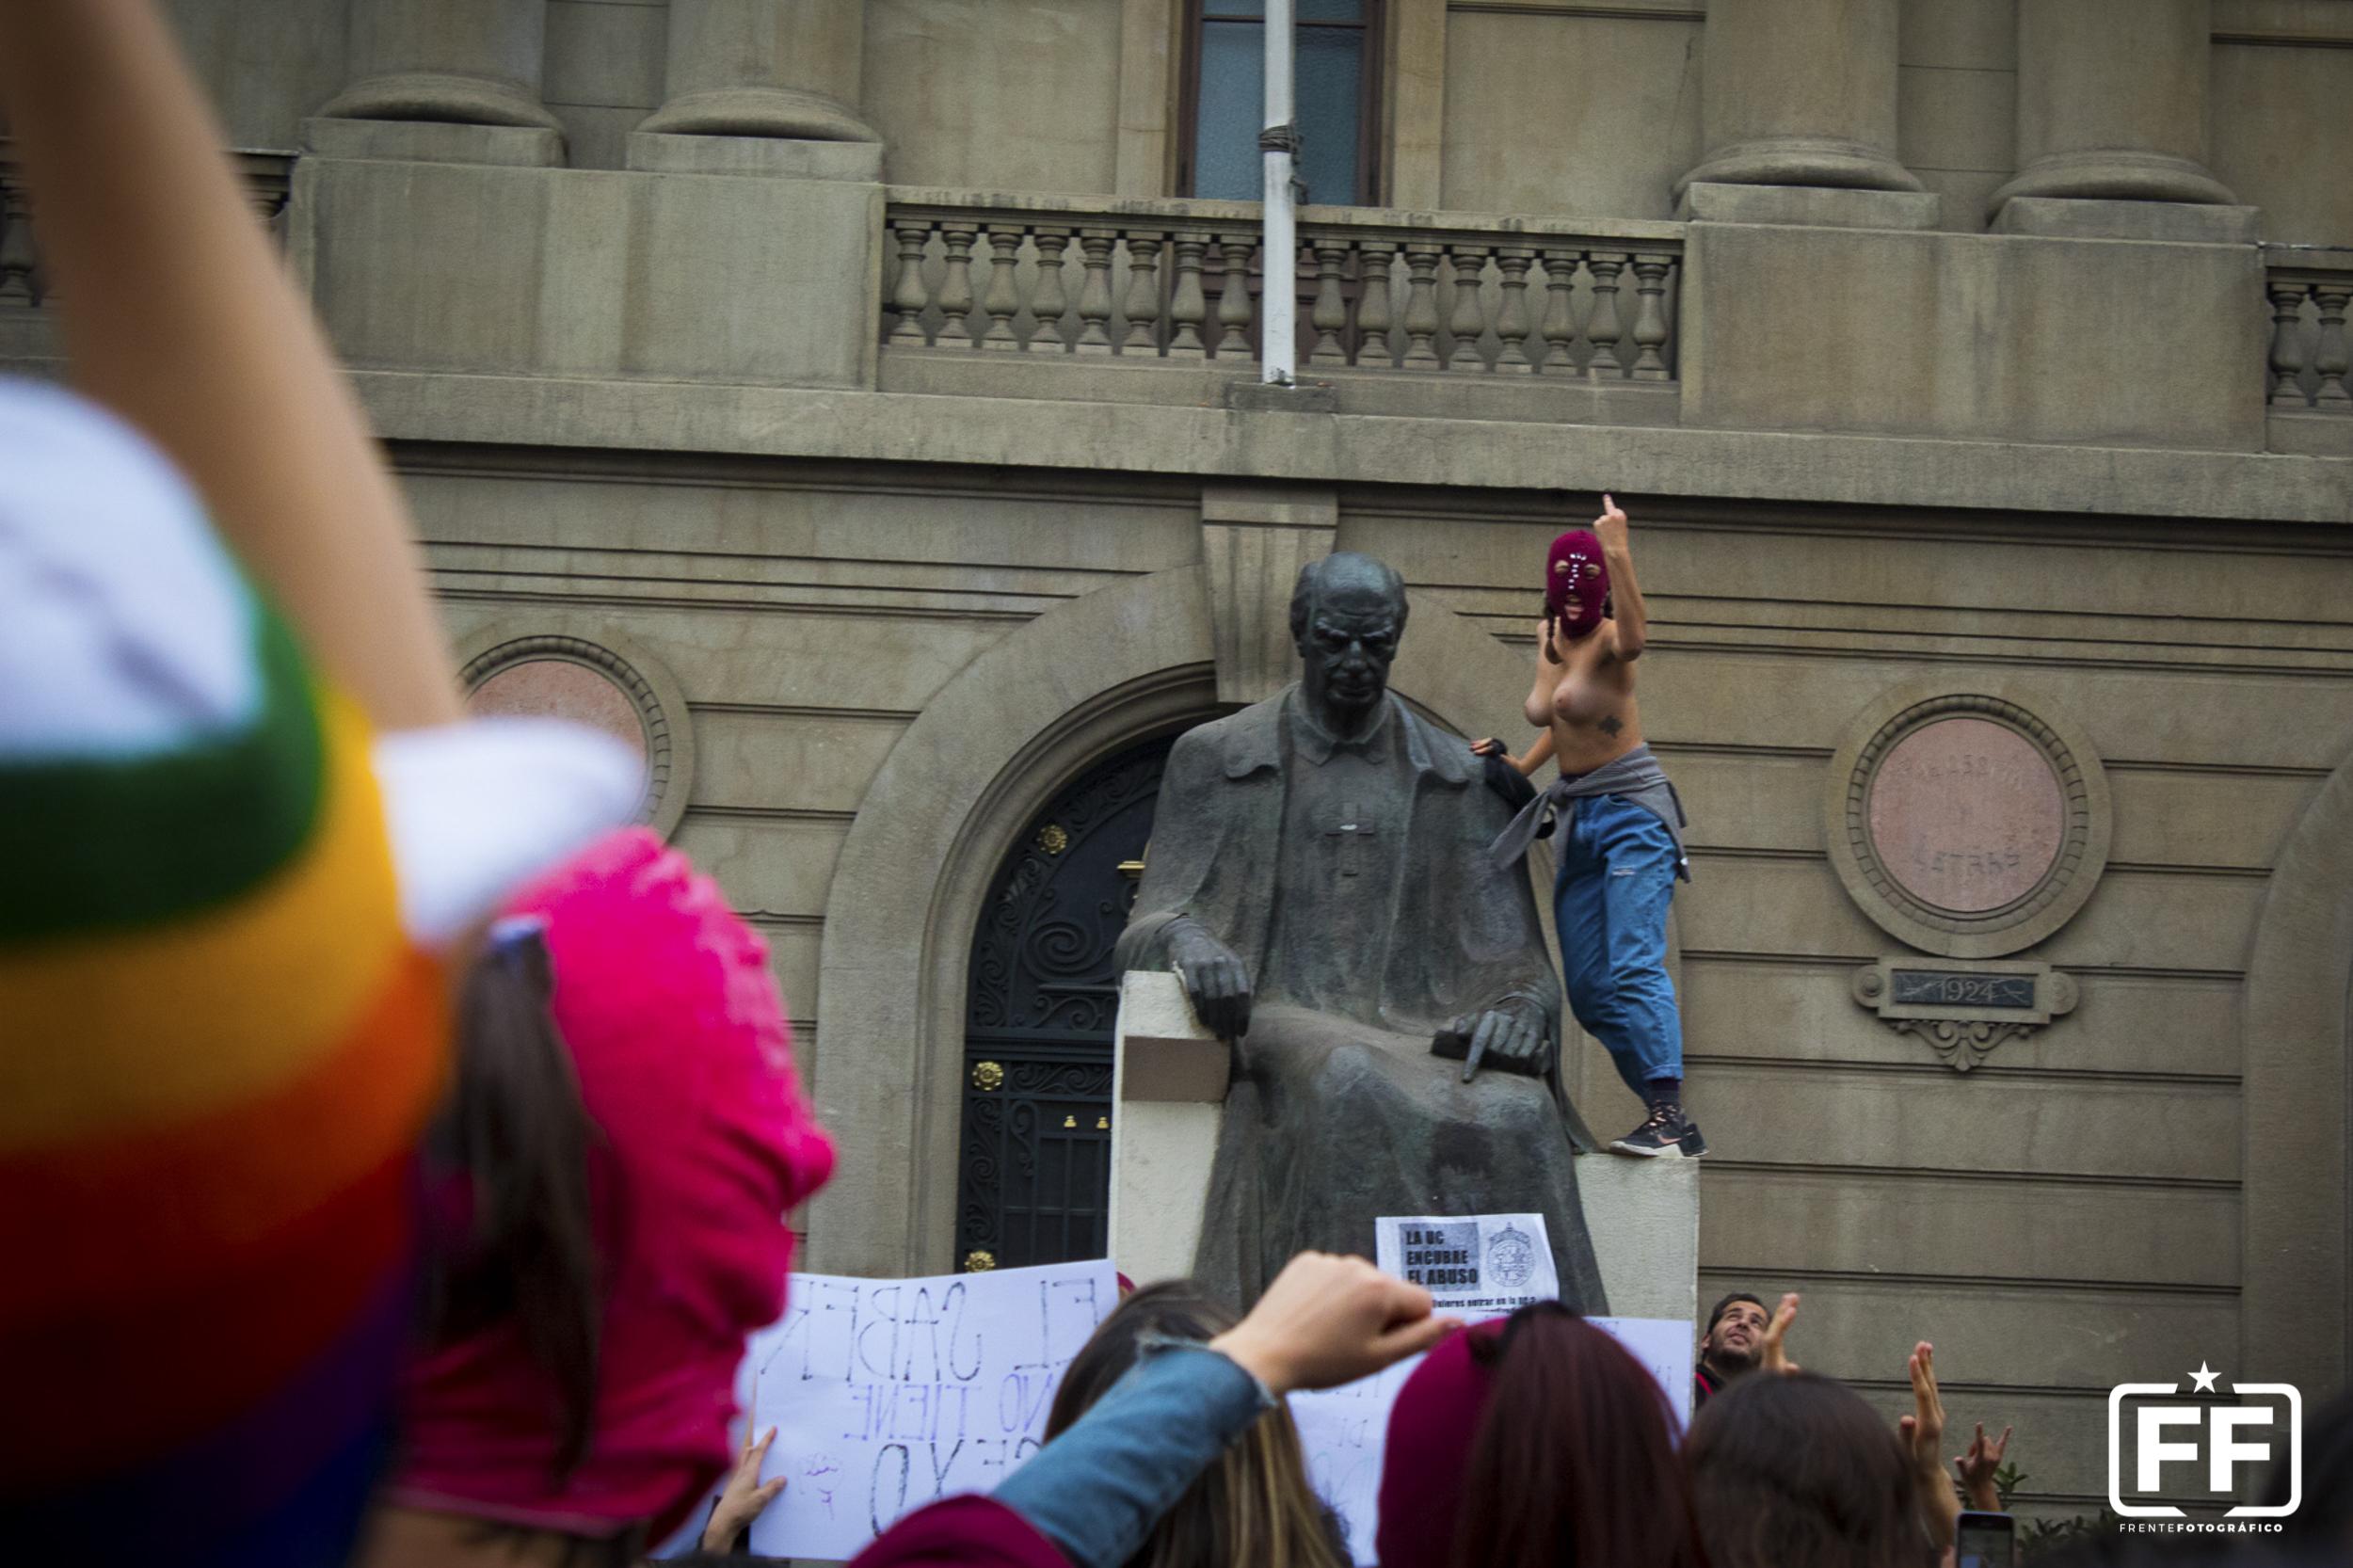 Aureolas Gigantes disparos feministas: cuerpos tan vivos y tan políticos, mayo